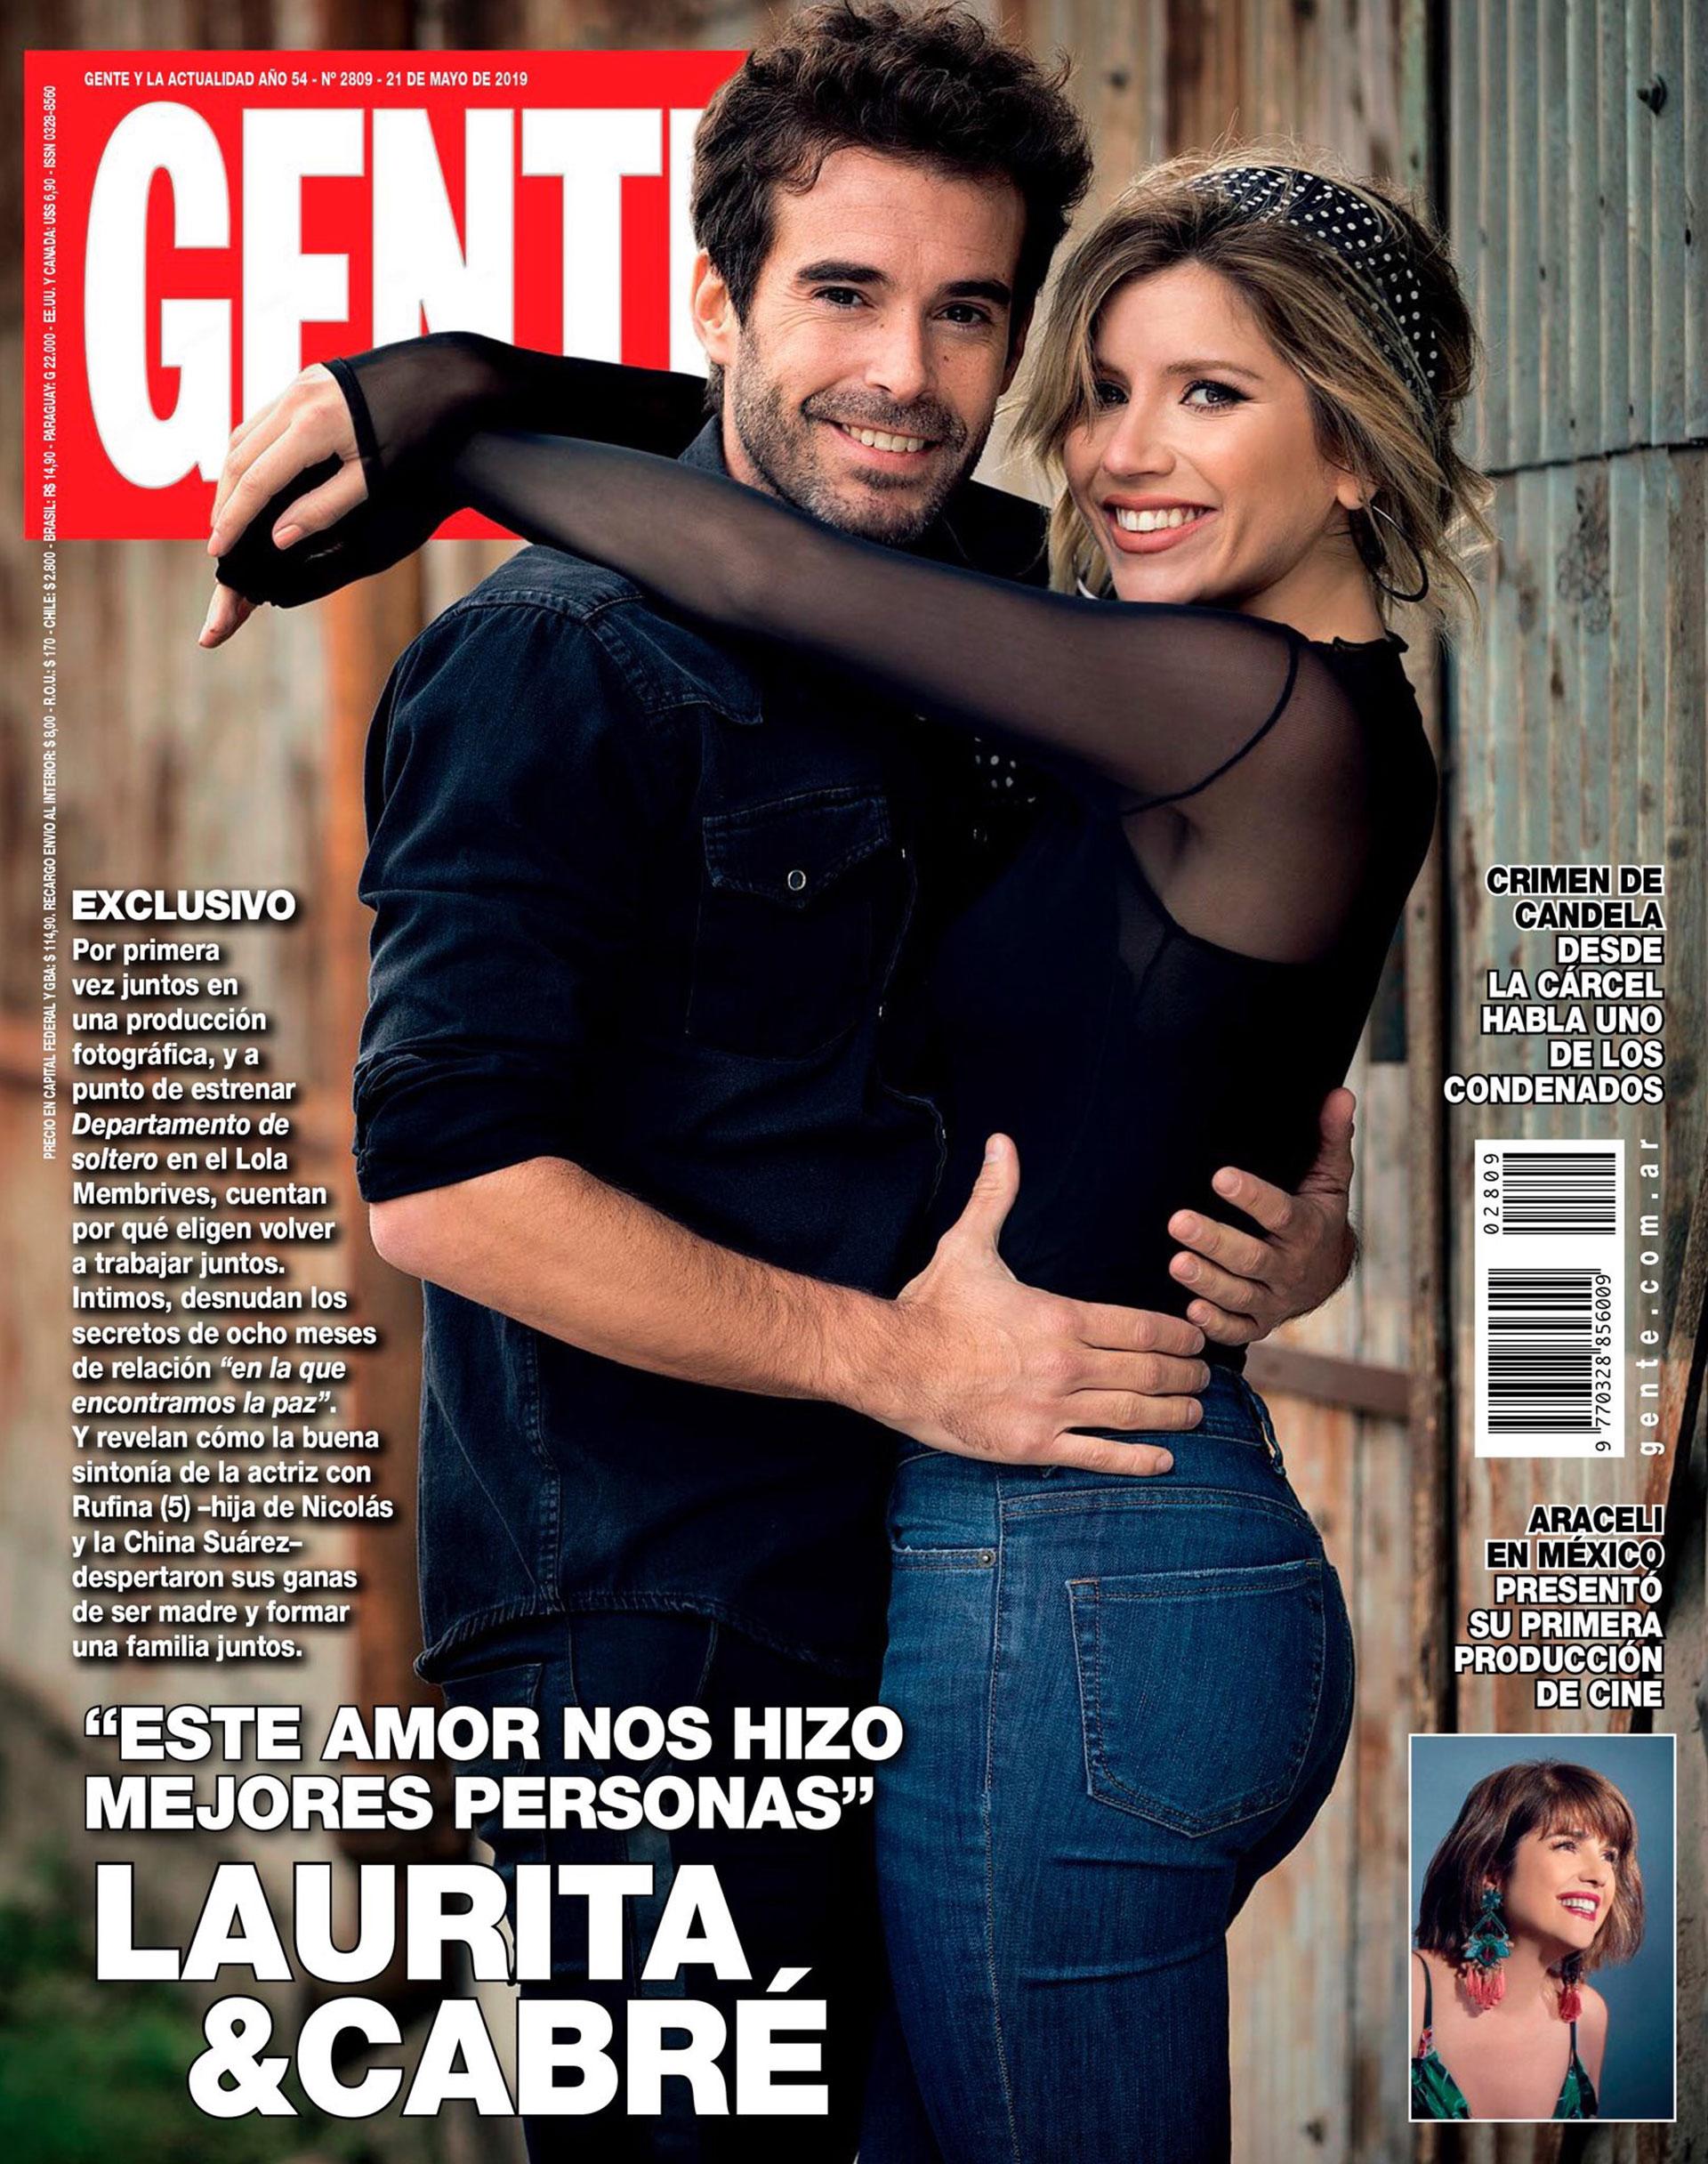 Nicolás Cabré y Laurita Fernández en la tapa de GENTE (21/5/2019)